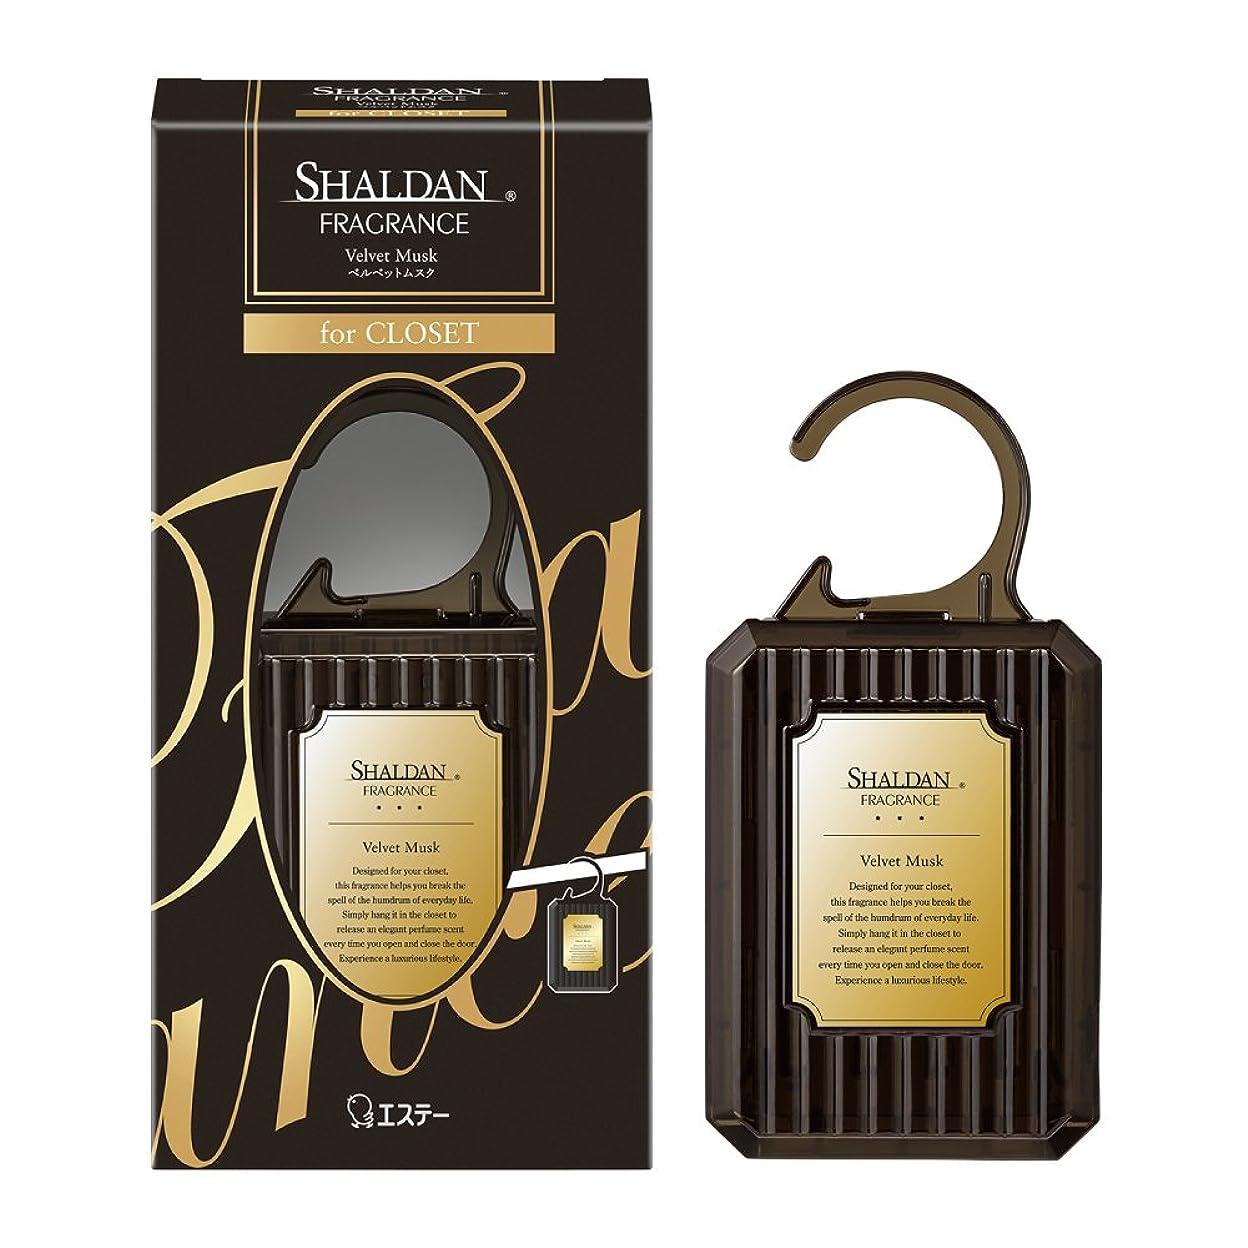 優雅円形不運シャルダン SHALDAN フレグランス for CLOSET 芳香剤 クローゼット用 本体 ベルベットムスク 30g